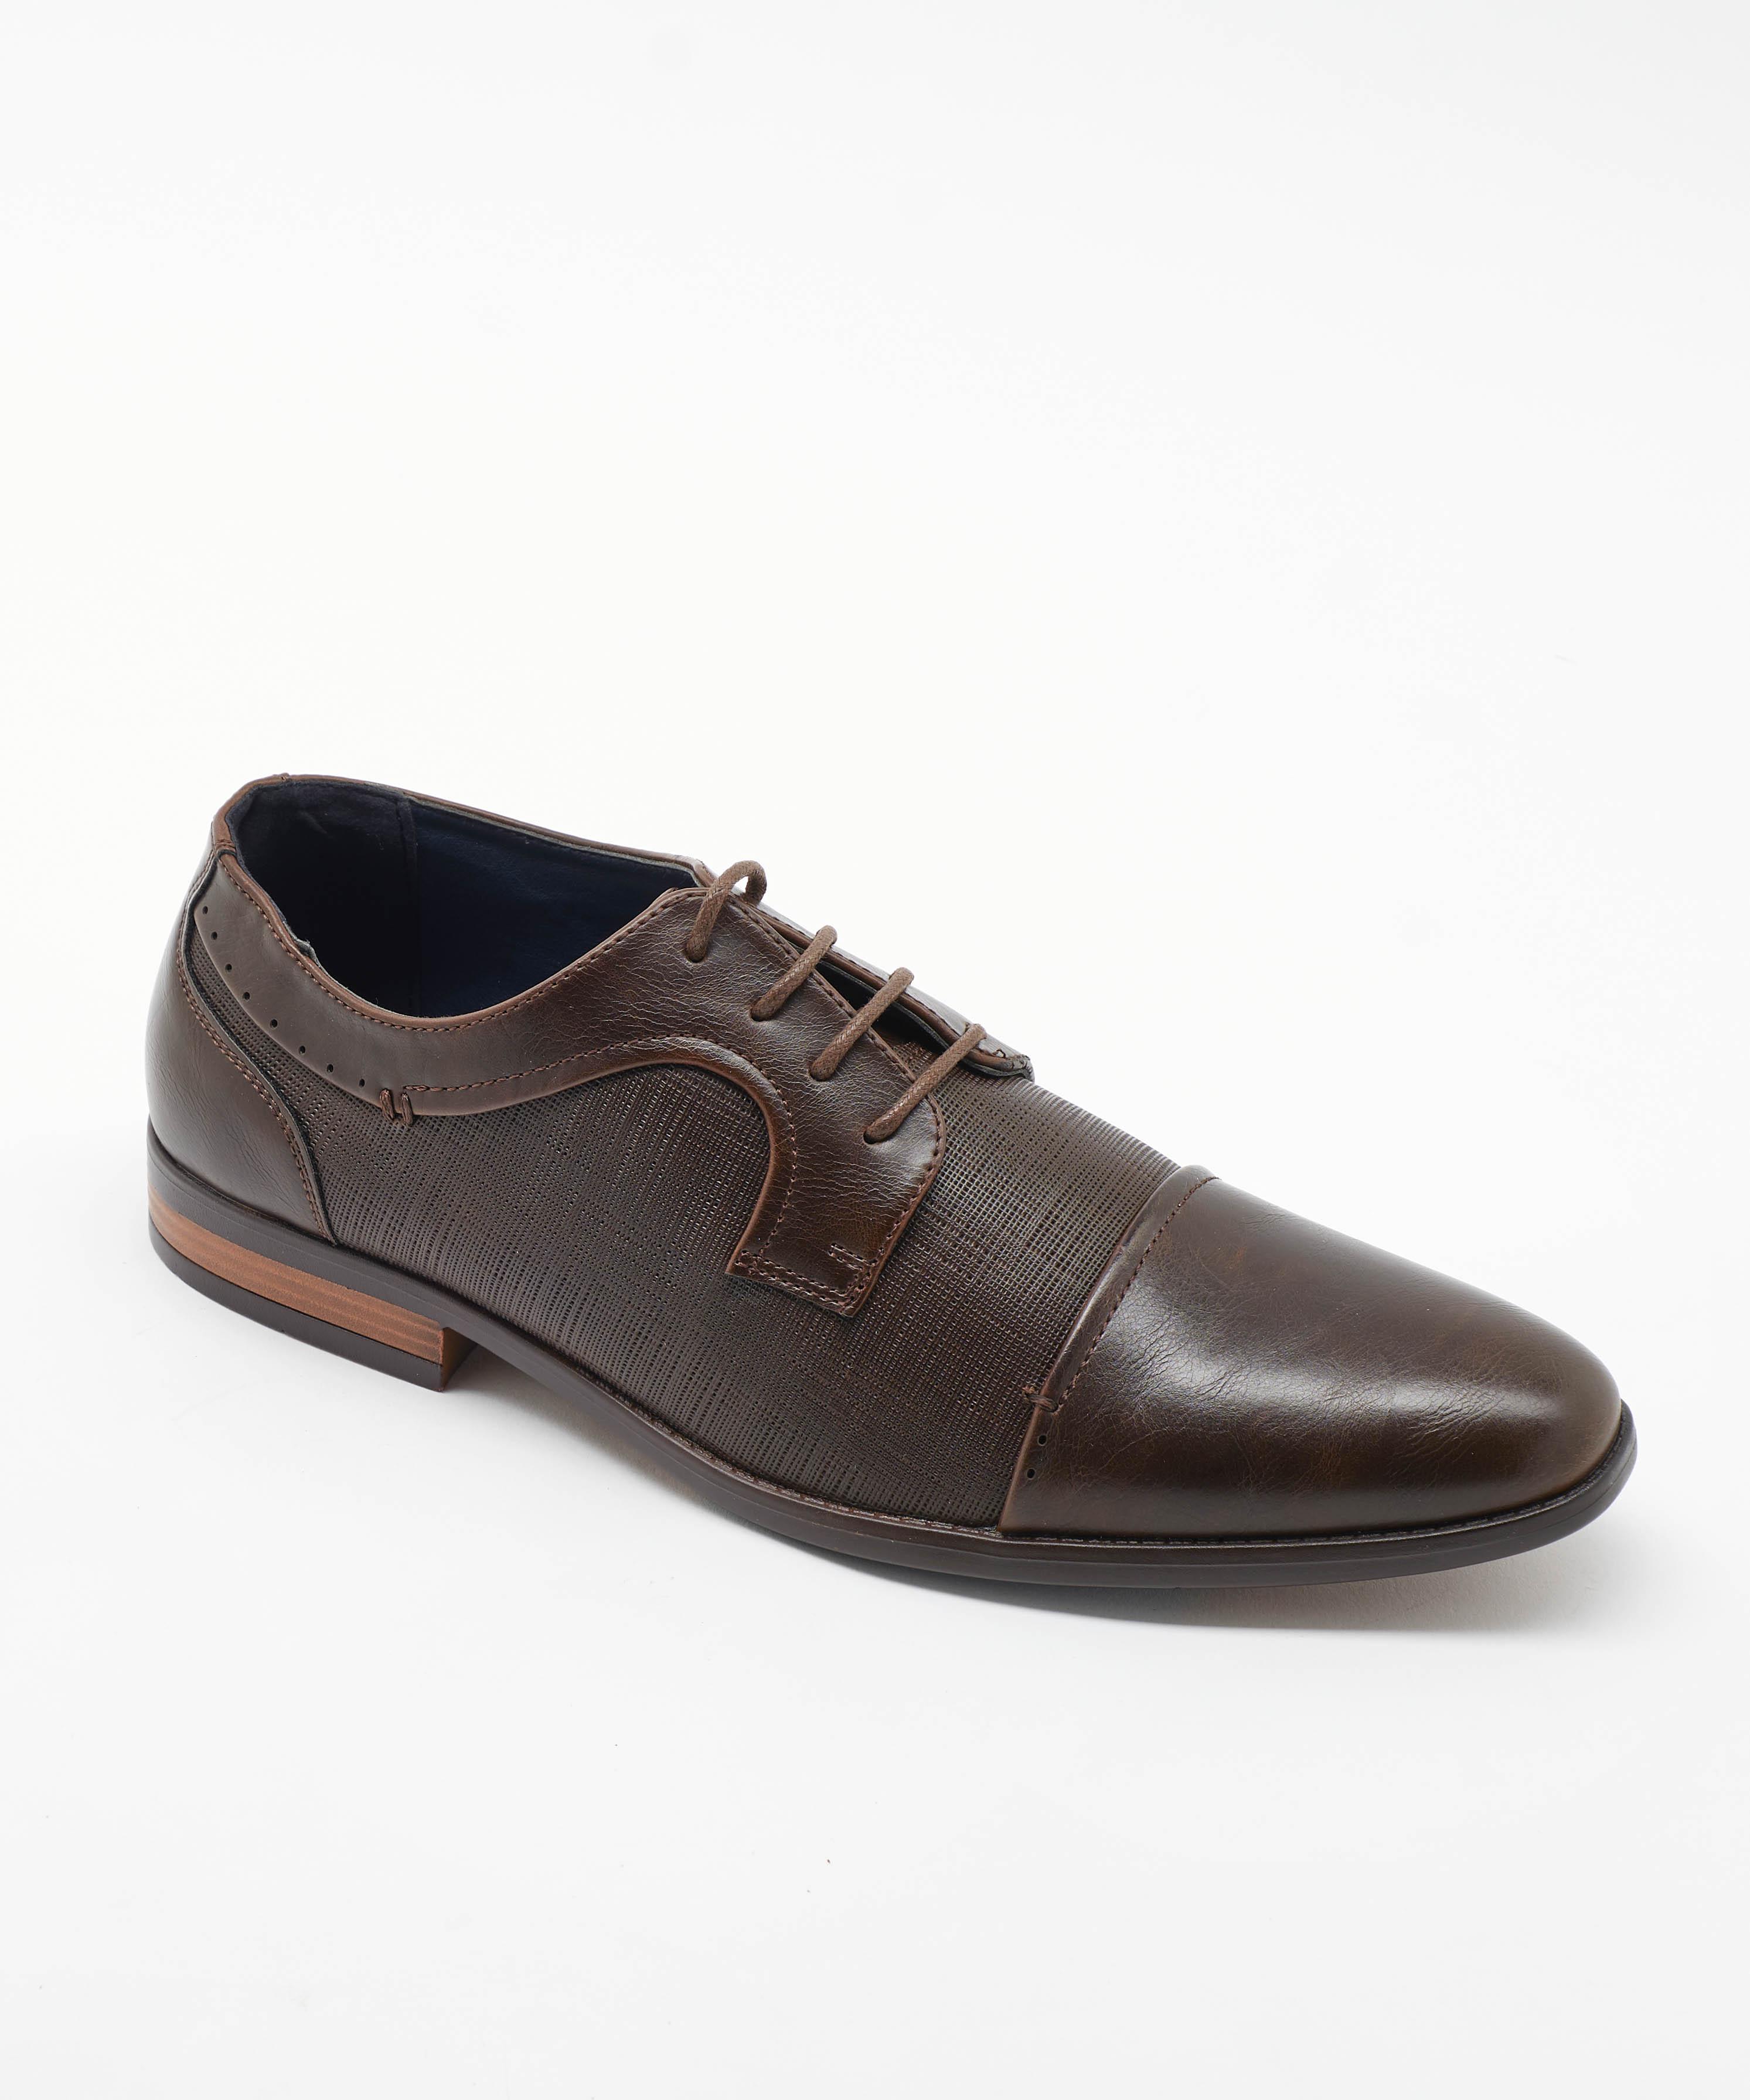 Chaussures De Ville Homme - Ville Marron Jina - Tj-2982